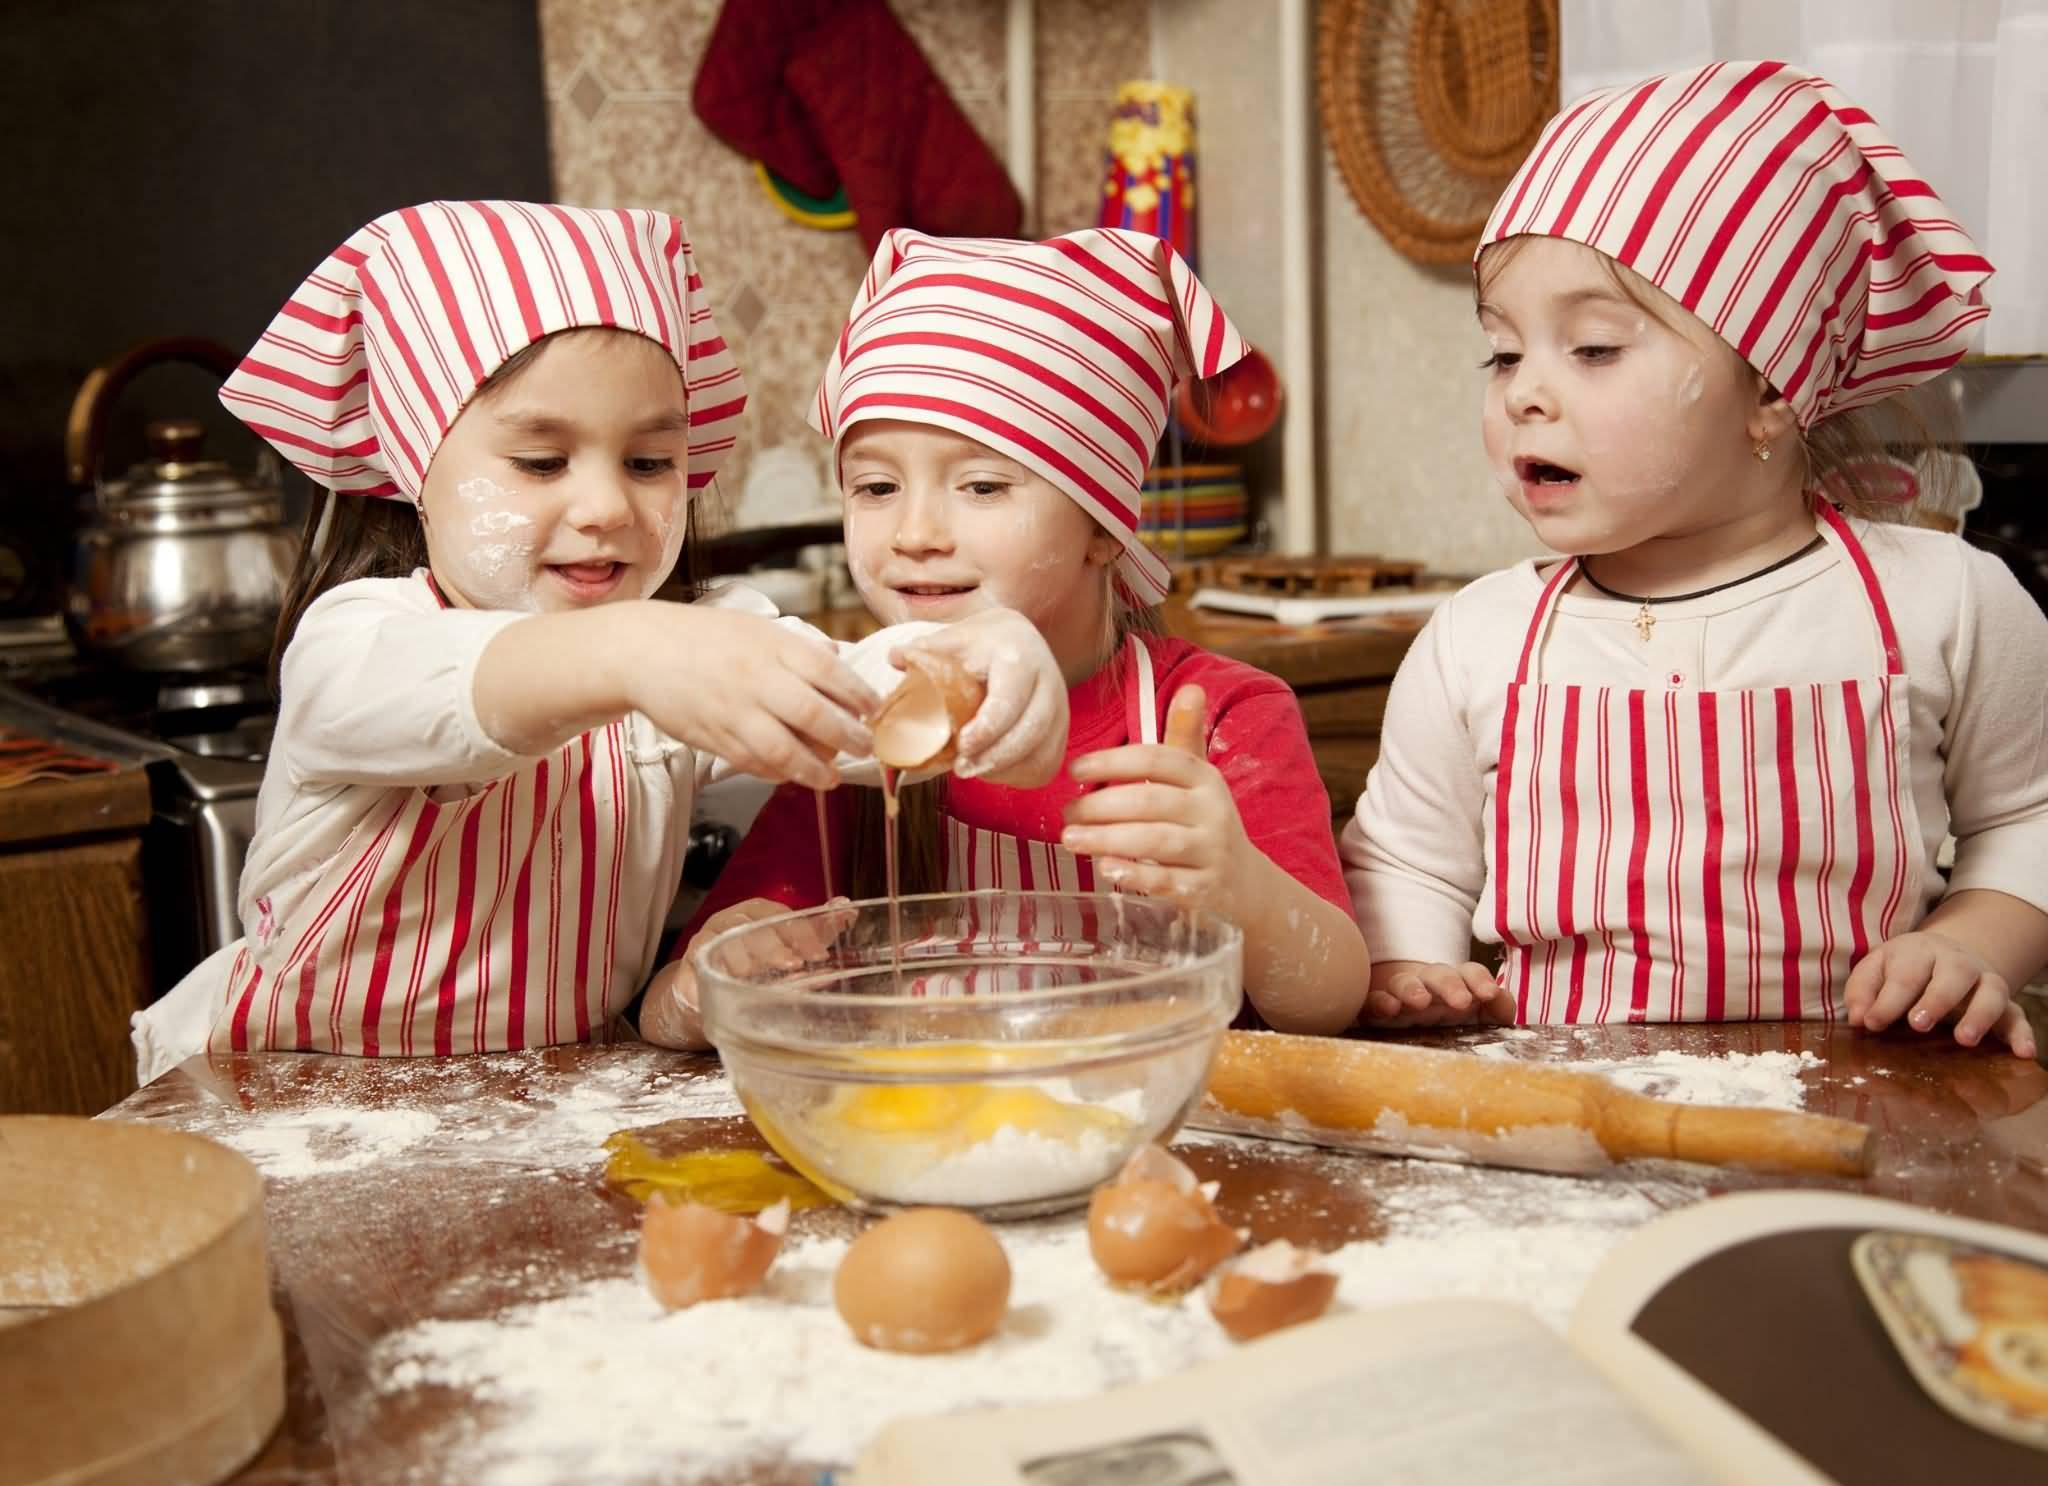 فندق أمواج روتانا يستضيف ورشة طبخ للأطفال